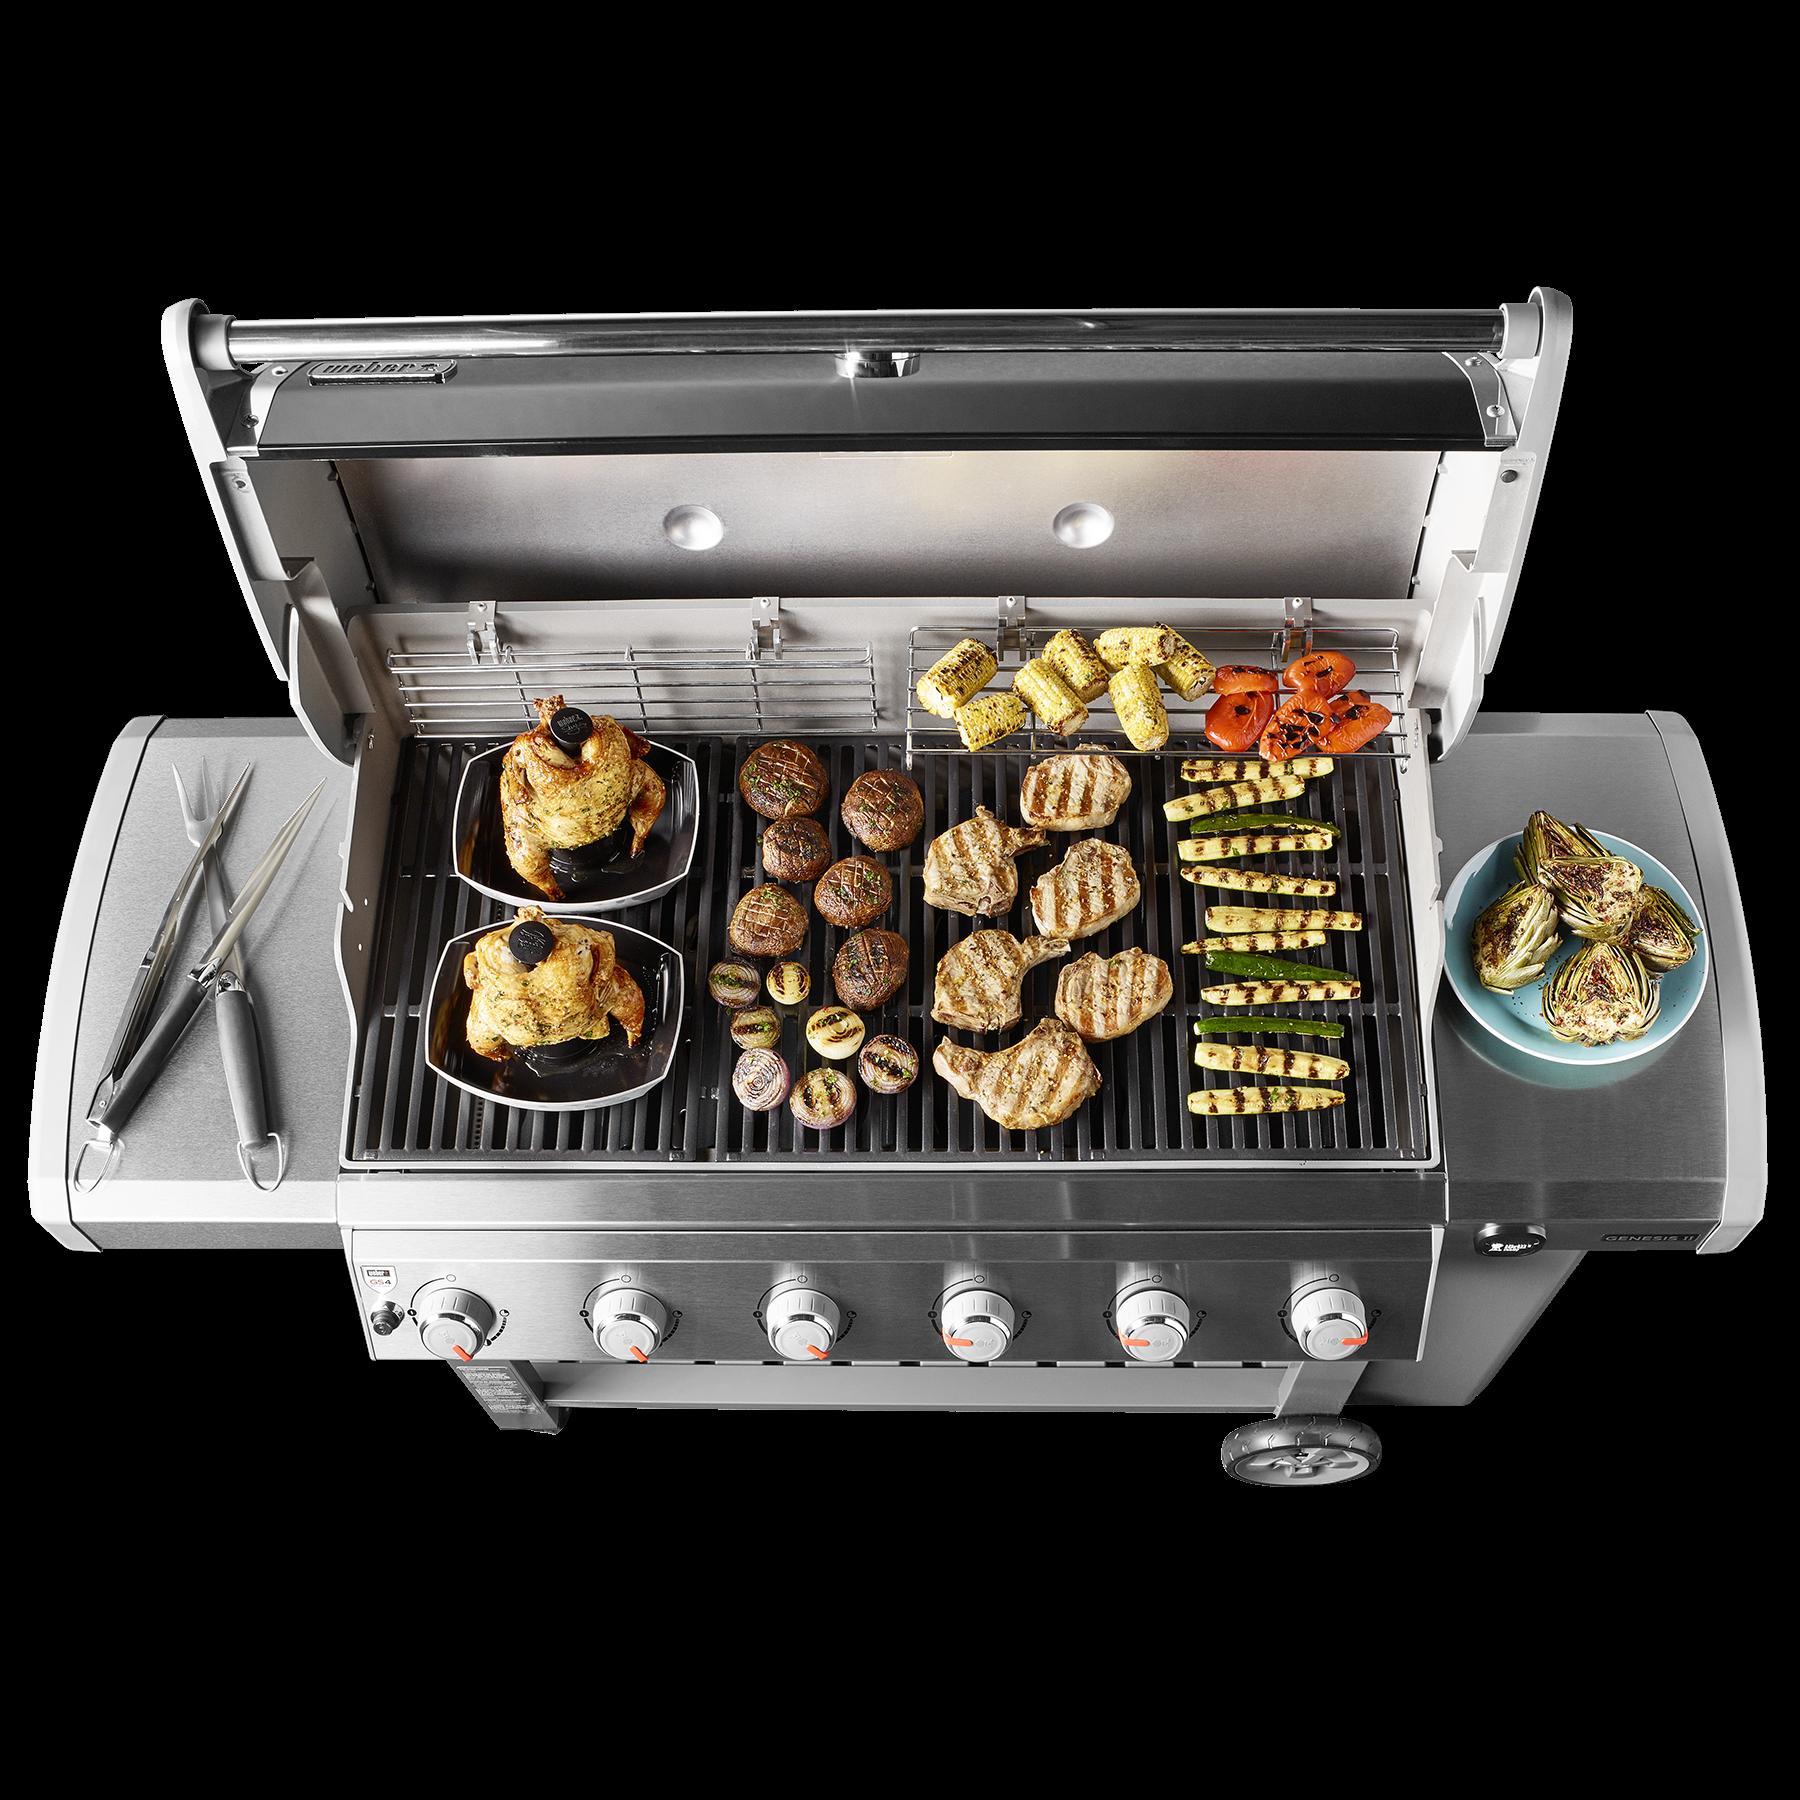 Genesis® II E-610 GBS Gasbarbecue